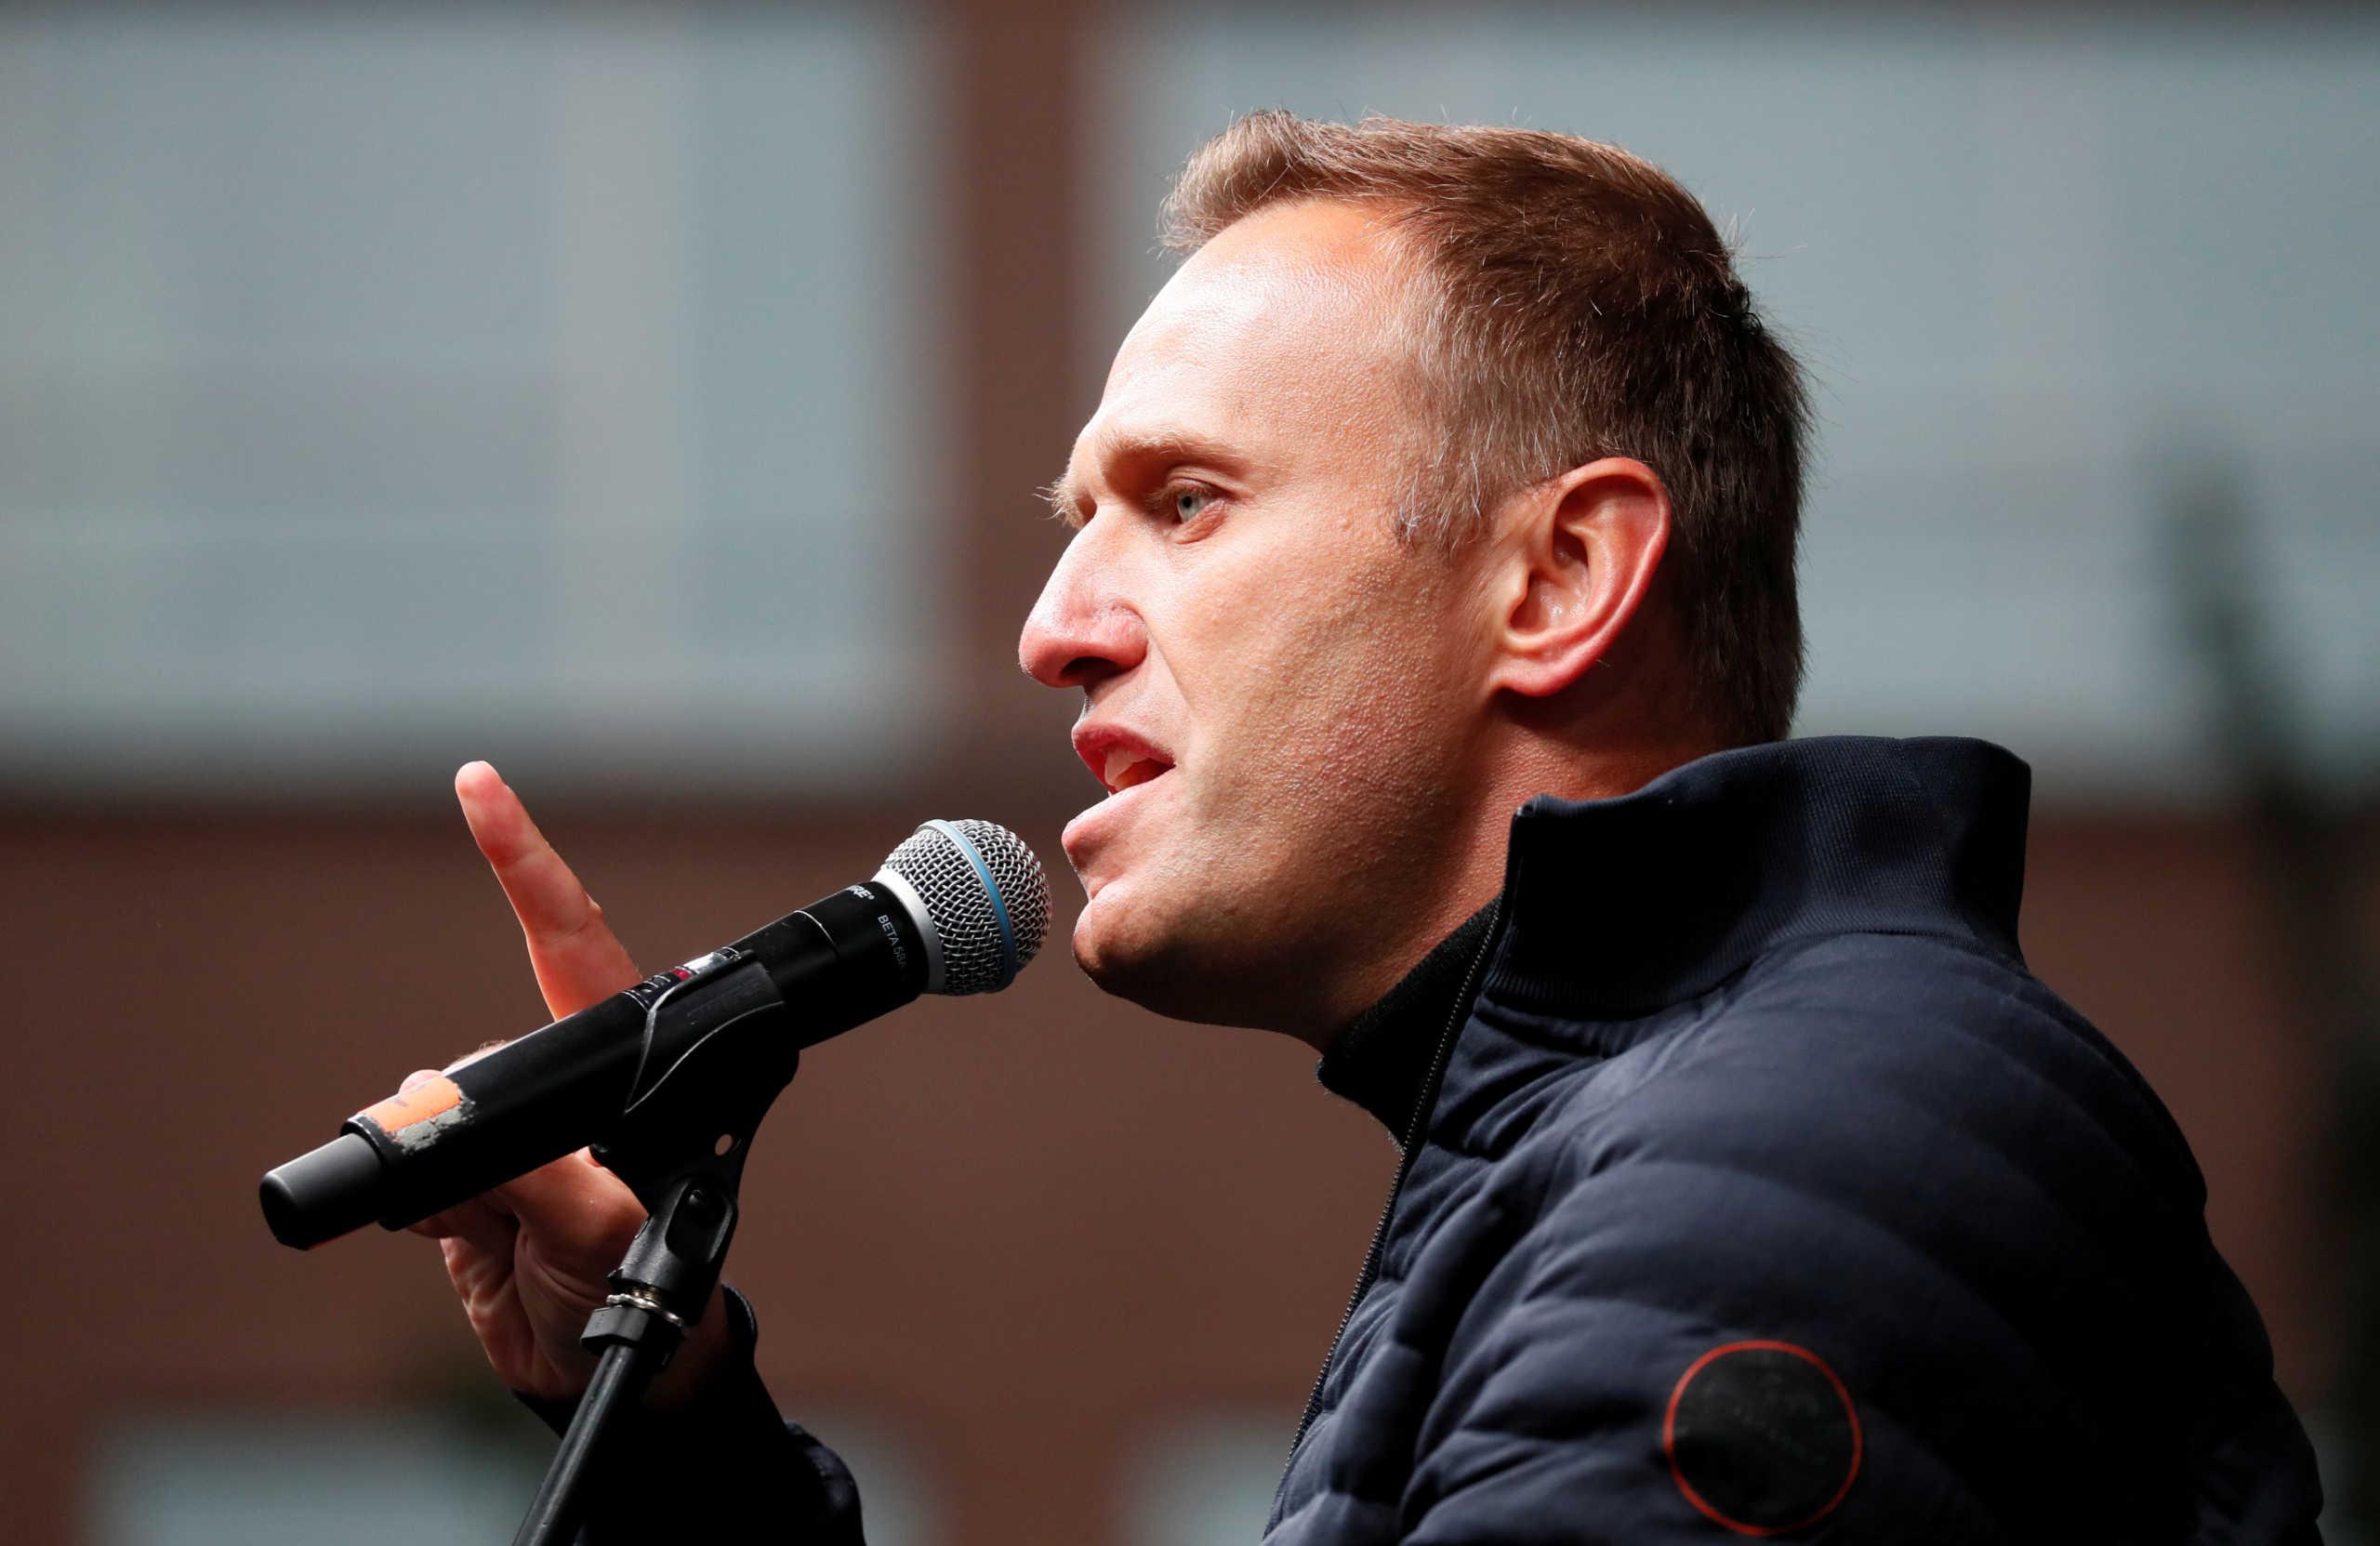 Ο Ναβάλνι θα συλληφθεί μόλις πατήσει το πόδι του στη Ρωσία – Κινδυνεύει με 3,5 χρόνια φυλάκιση